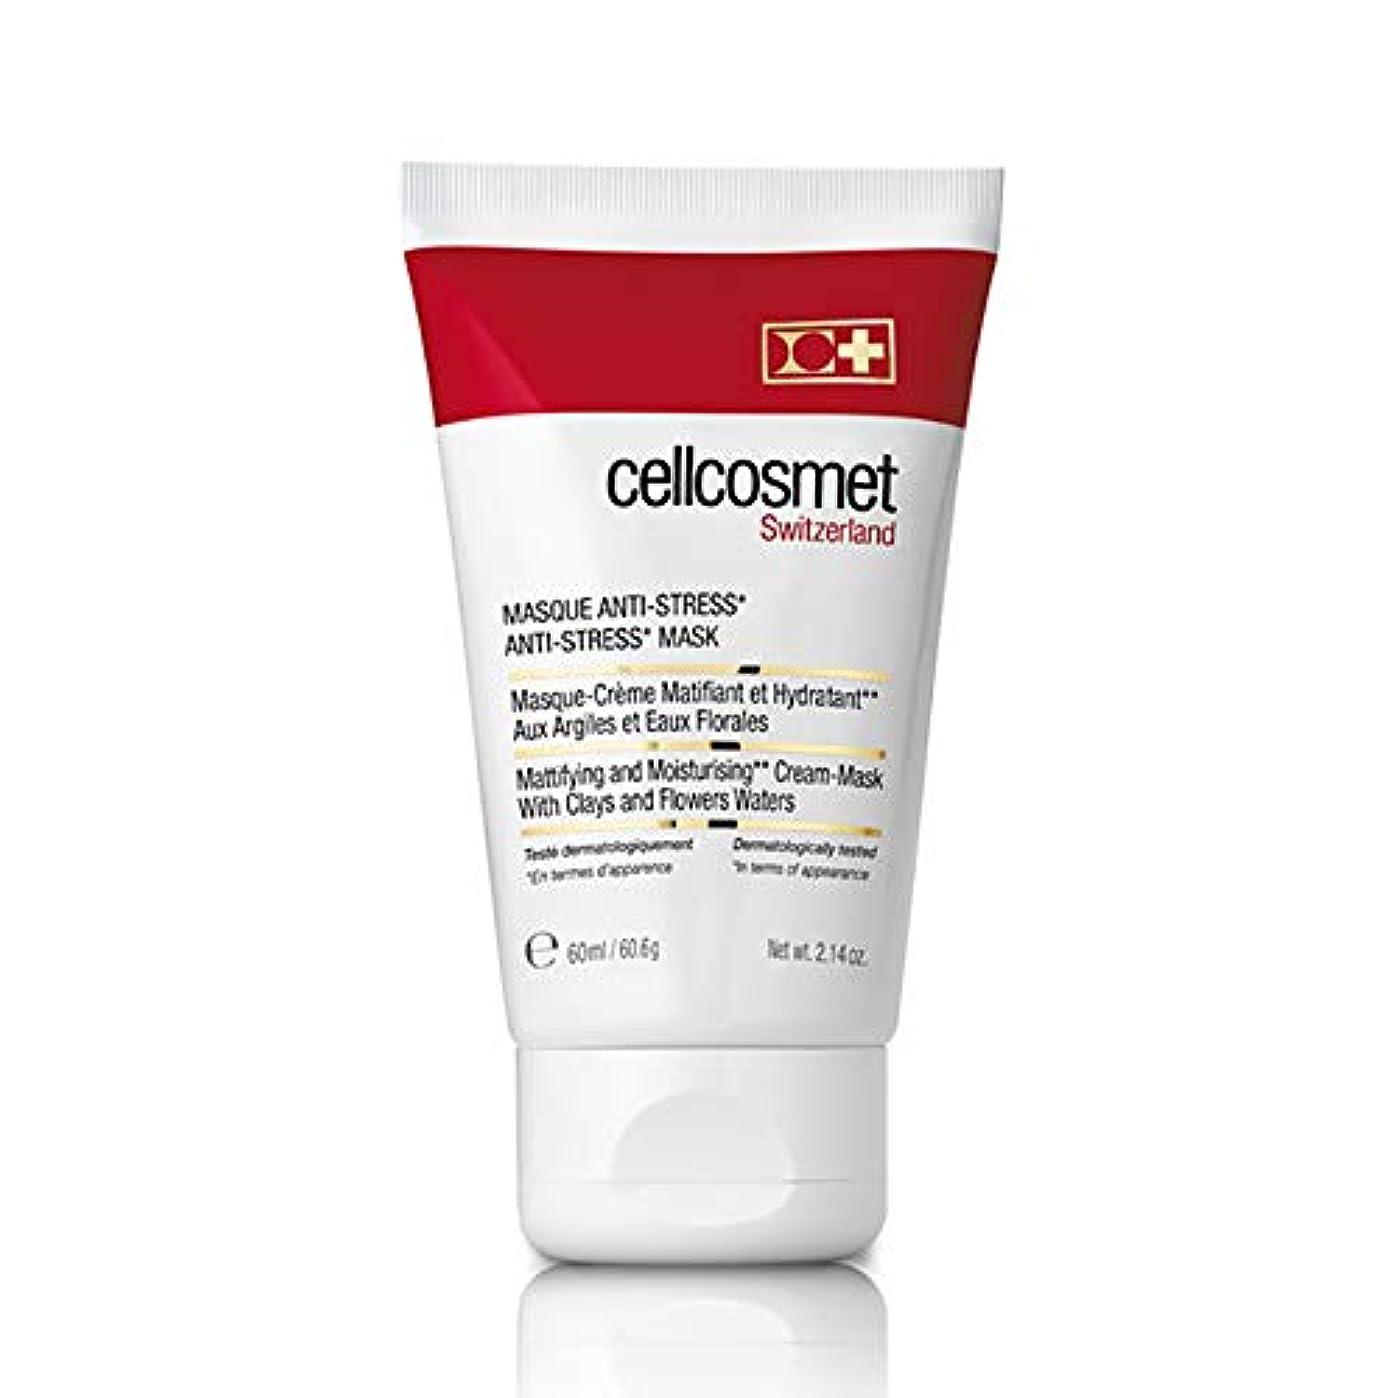 セルコスメ & セルメン Cellcosmet Anti-Stress Mask - Ideal For Stressed, Sensitive or Reactive Skin 60ml/2.14oz並行輸入品